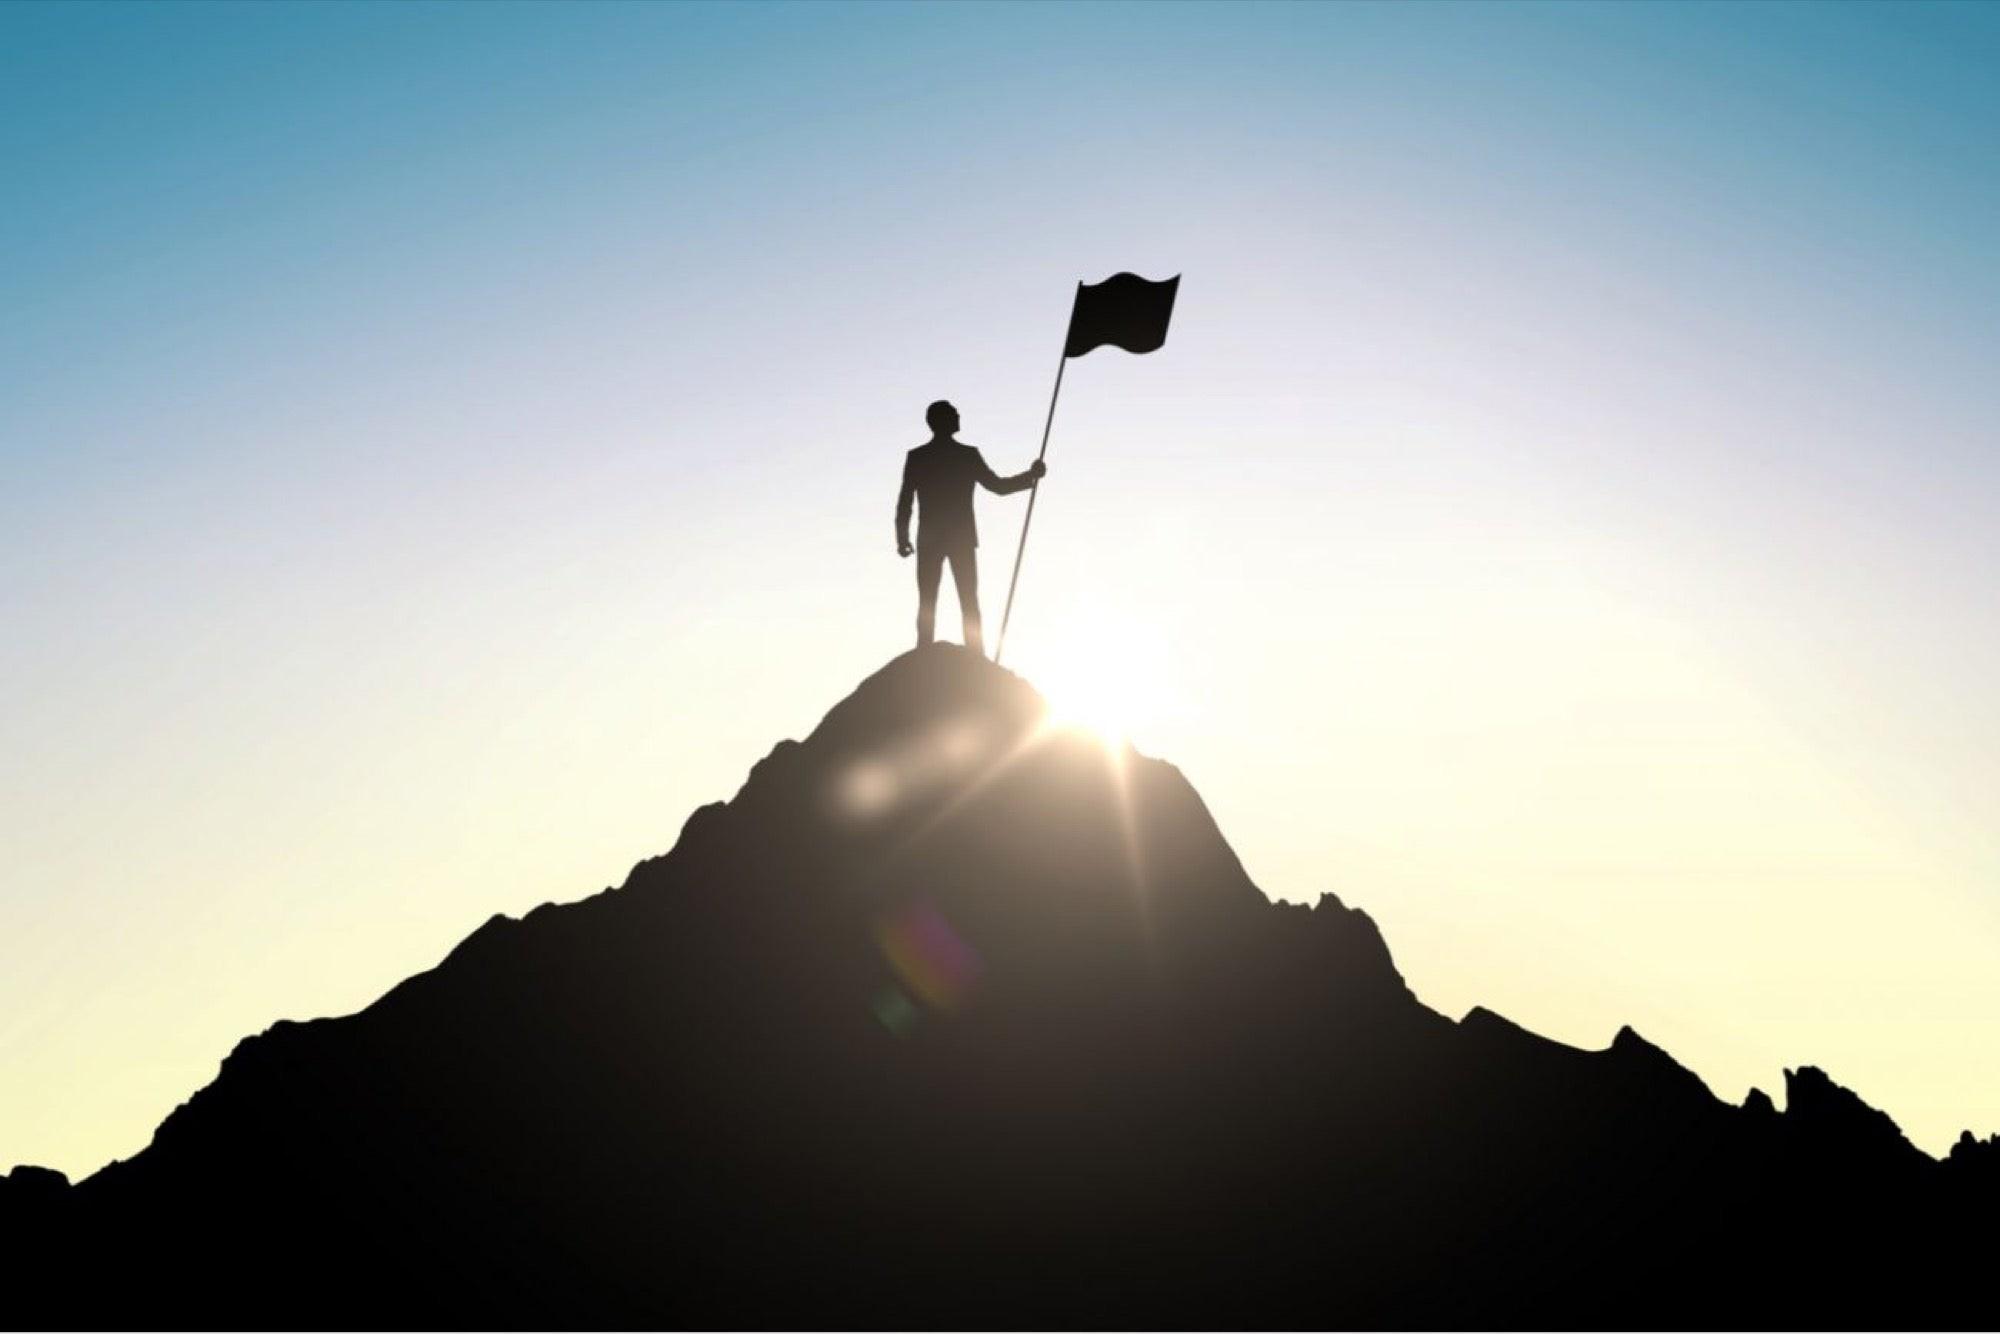 دقیقاً رشد و توسعه شخصی چیست؟